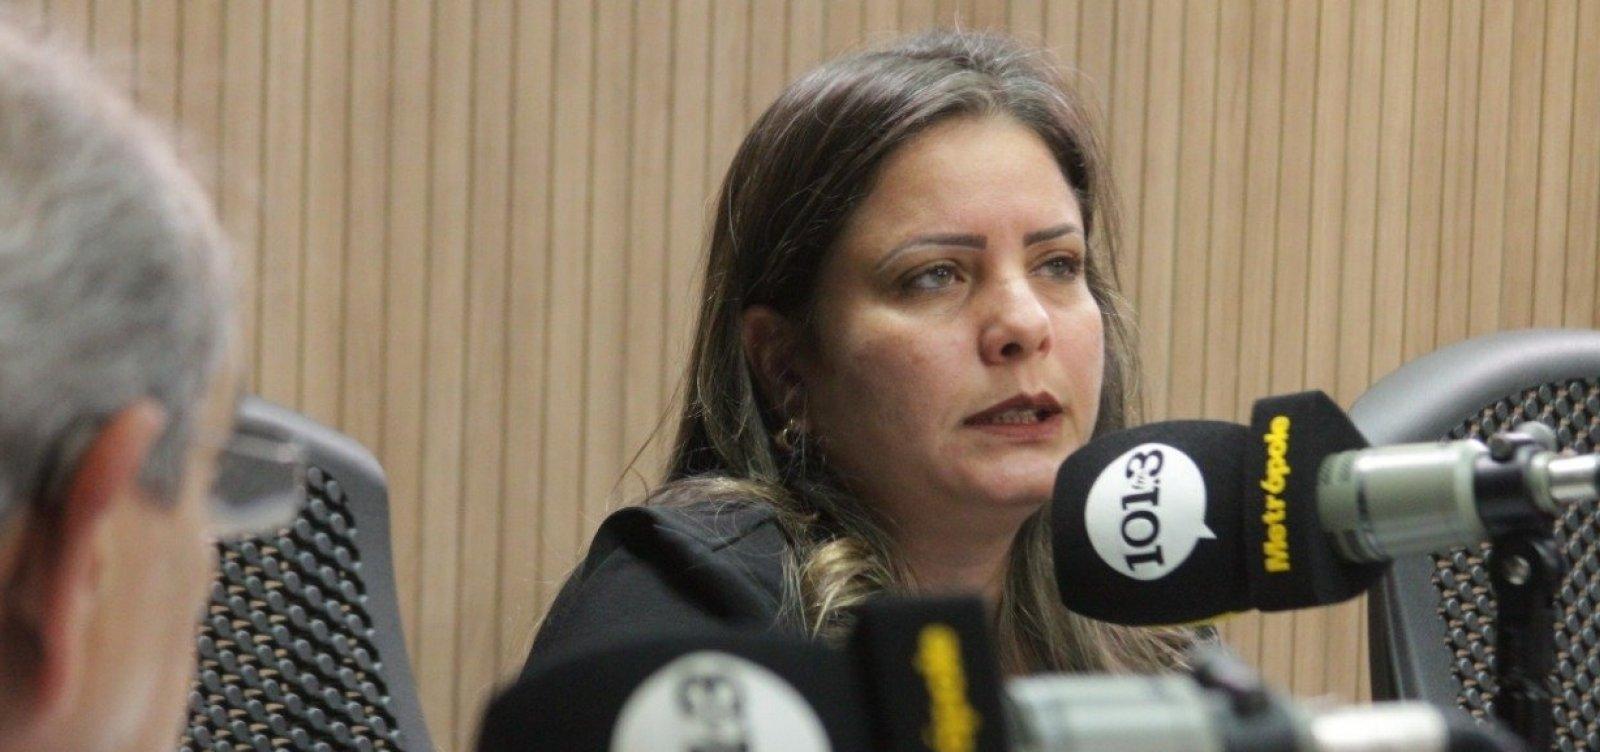 Mirela reclama de Moema Gramacho: 'Ela não me procura e manda recados'